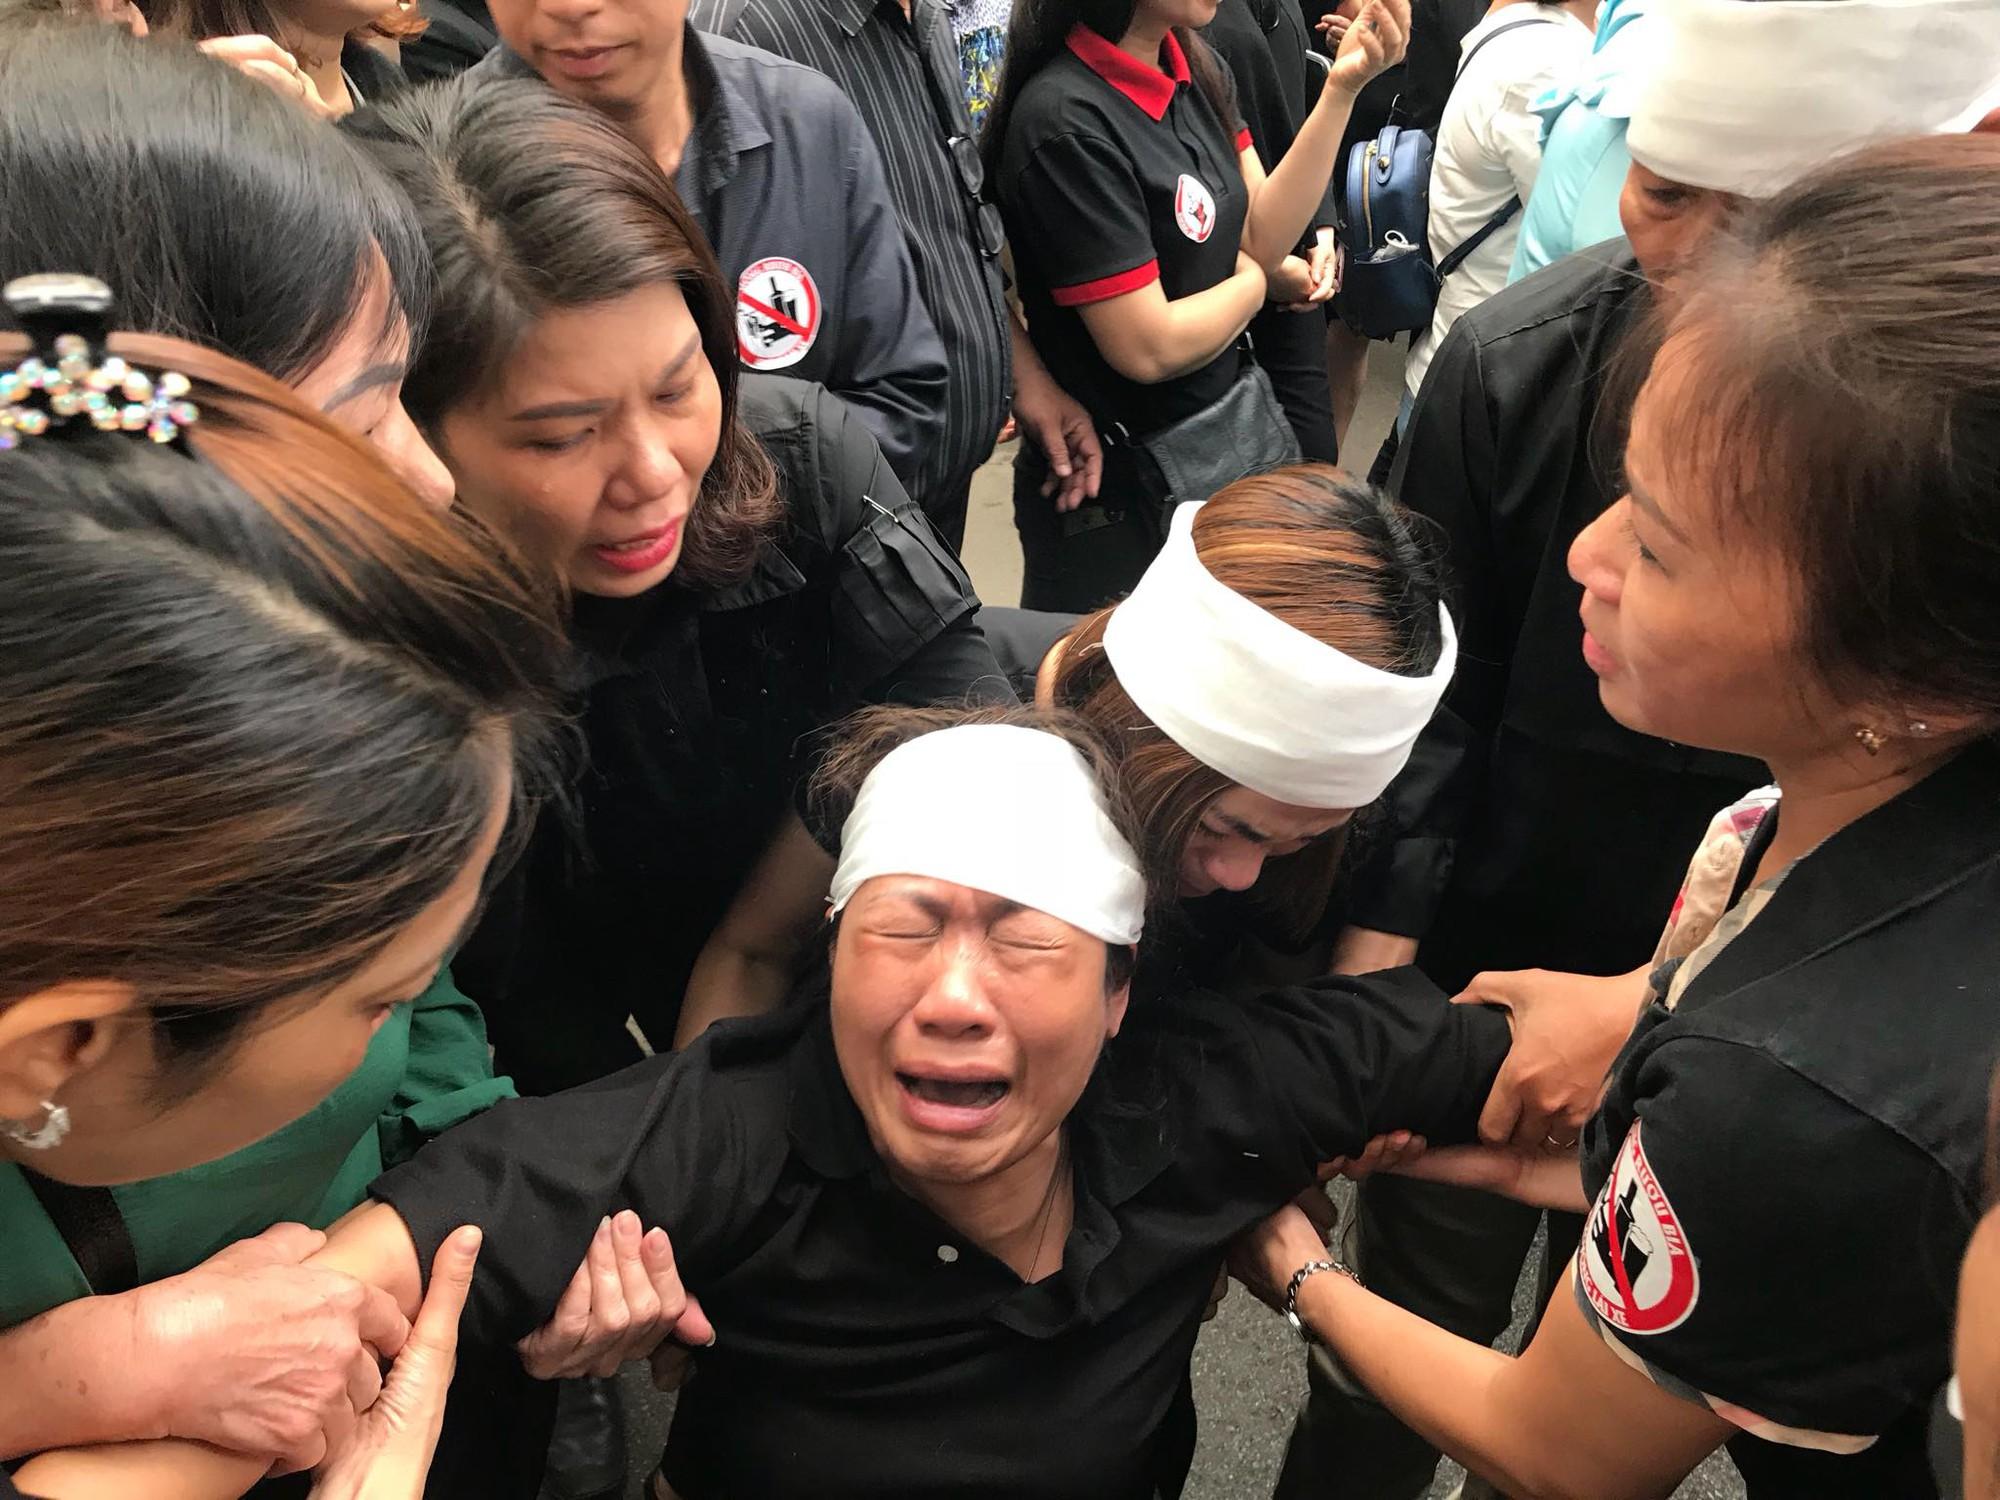 Vụ cô giáo tiểu học bị lái xe say rượu tông tử vong ở hầm Kim Liên: Những lời tiễn biệt xúc động nơi sổ tang  - Ảnh 5.